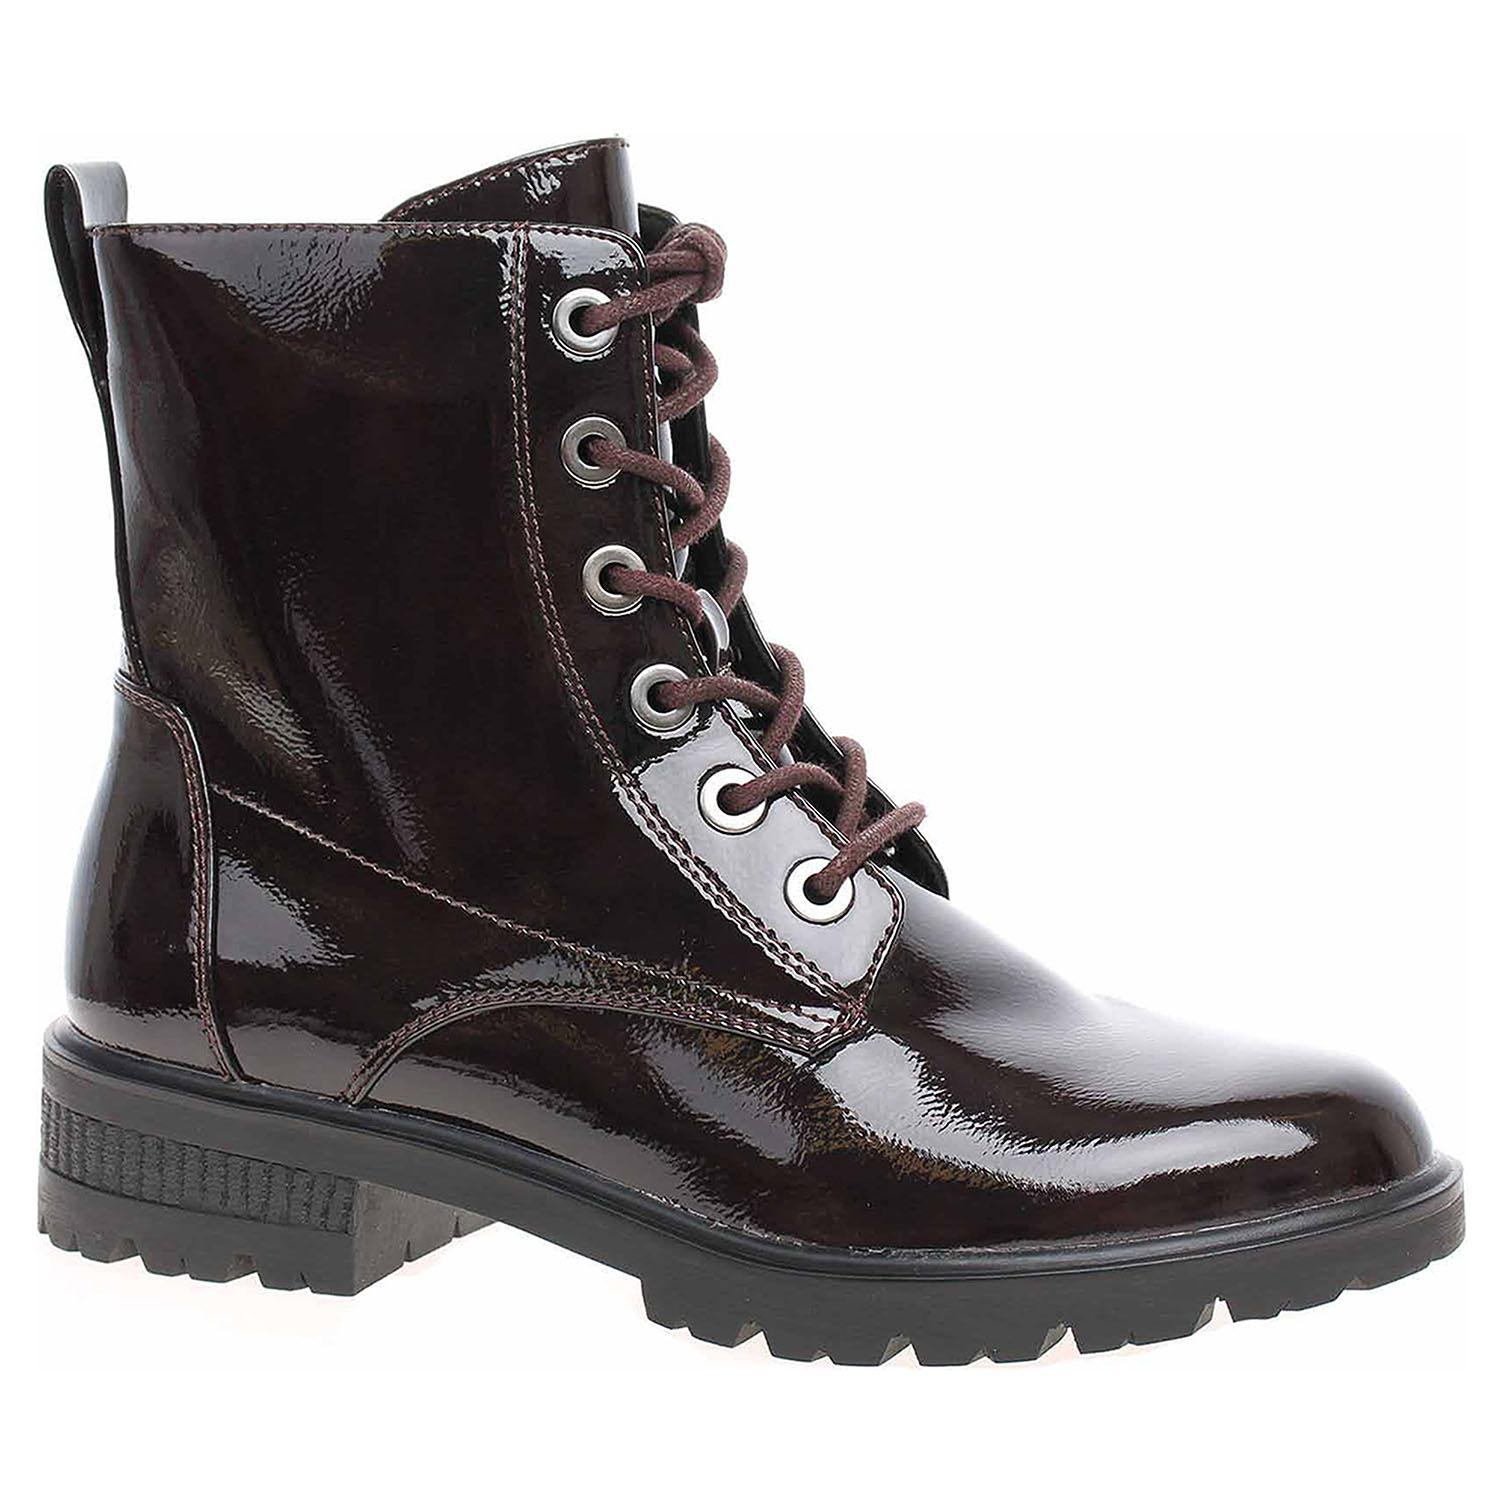 Dámská kotníková obuv Tamaris 1-25280-21 bordeaux patent 1-1-25280-23 580 40